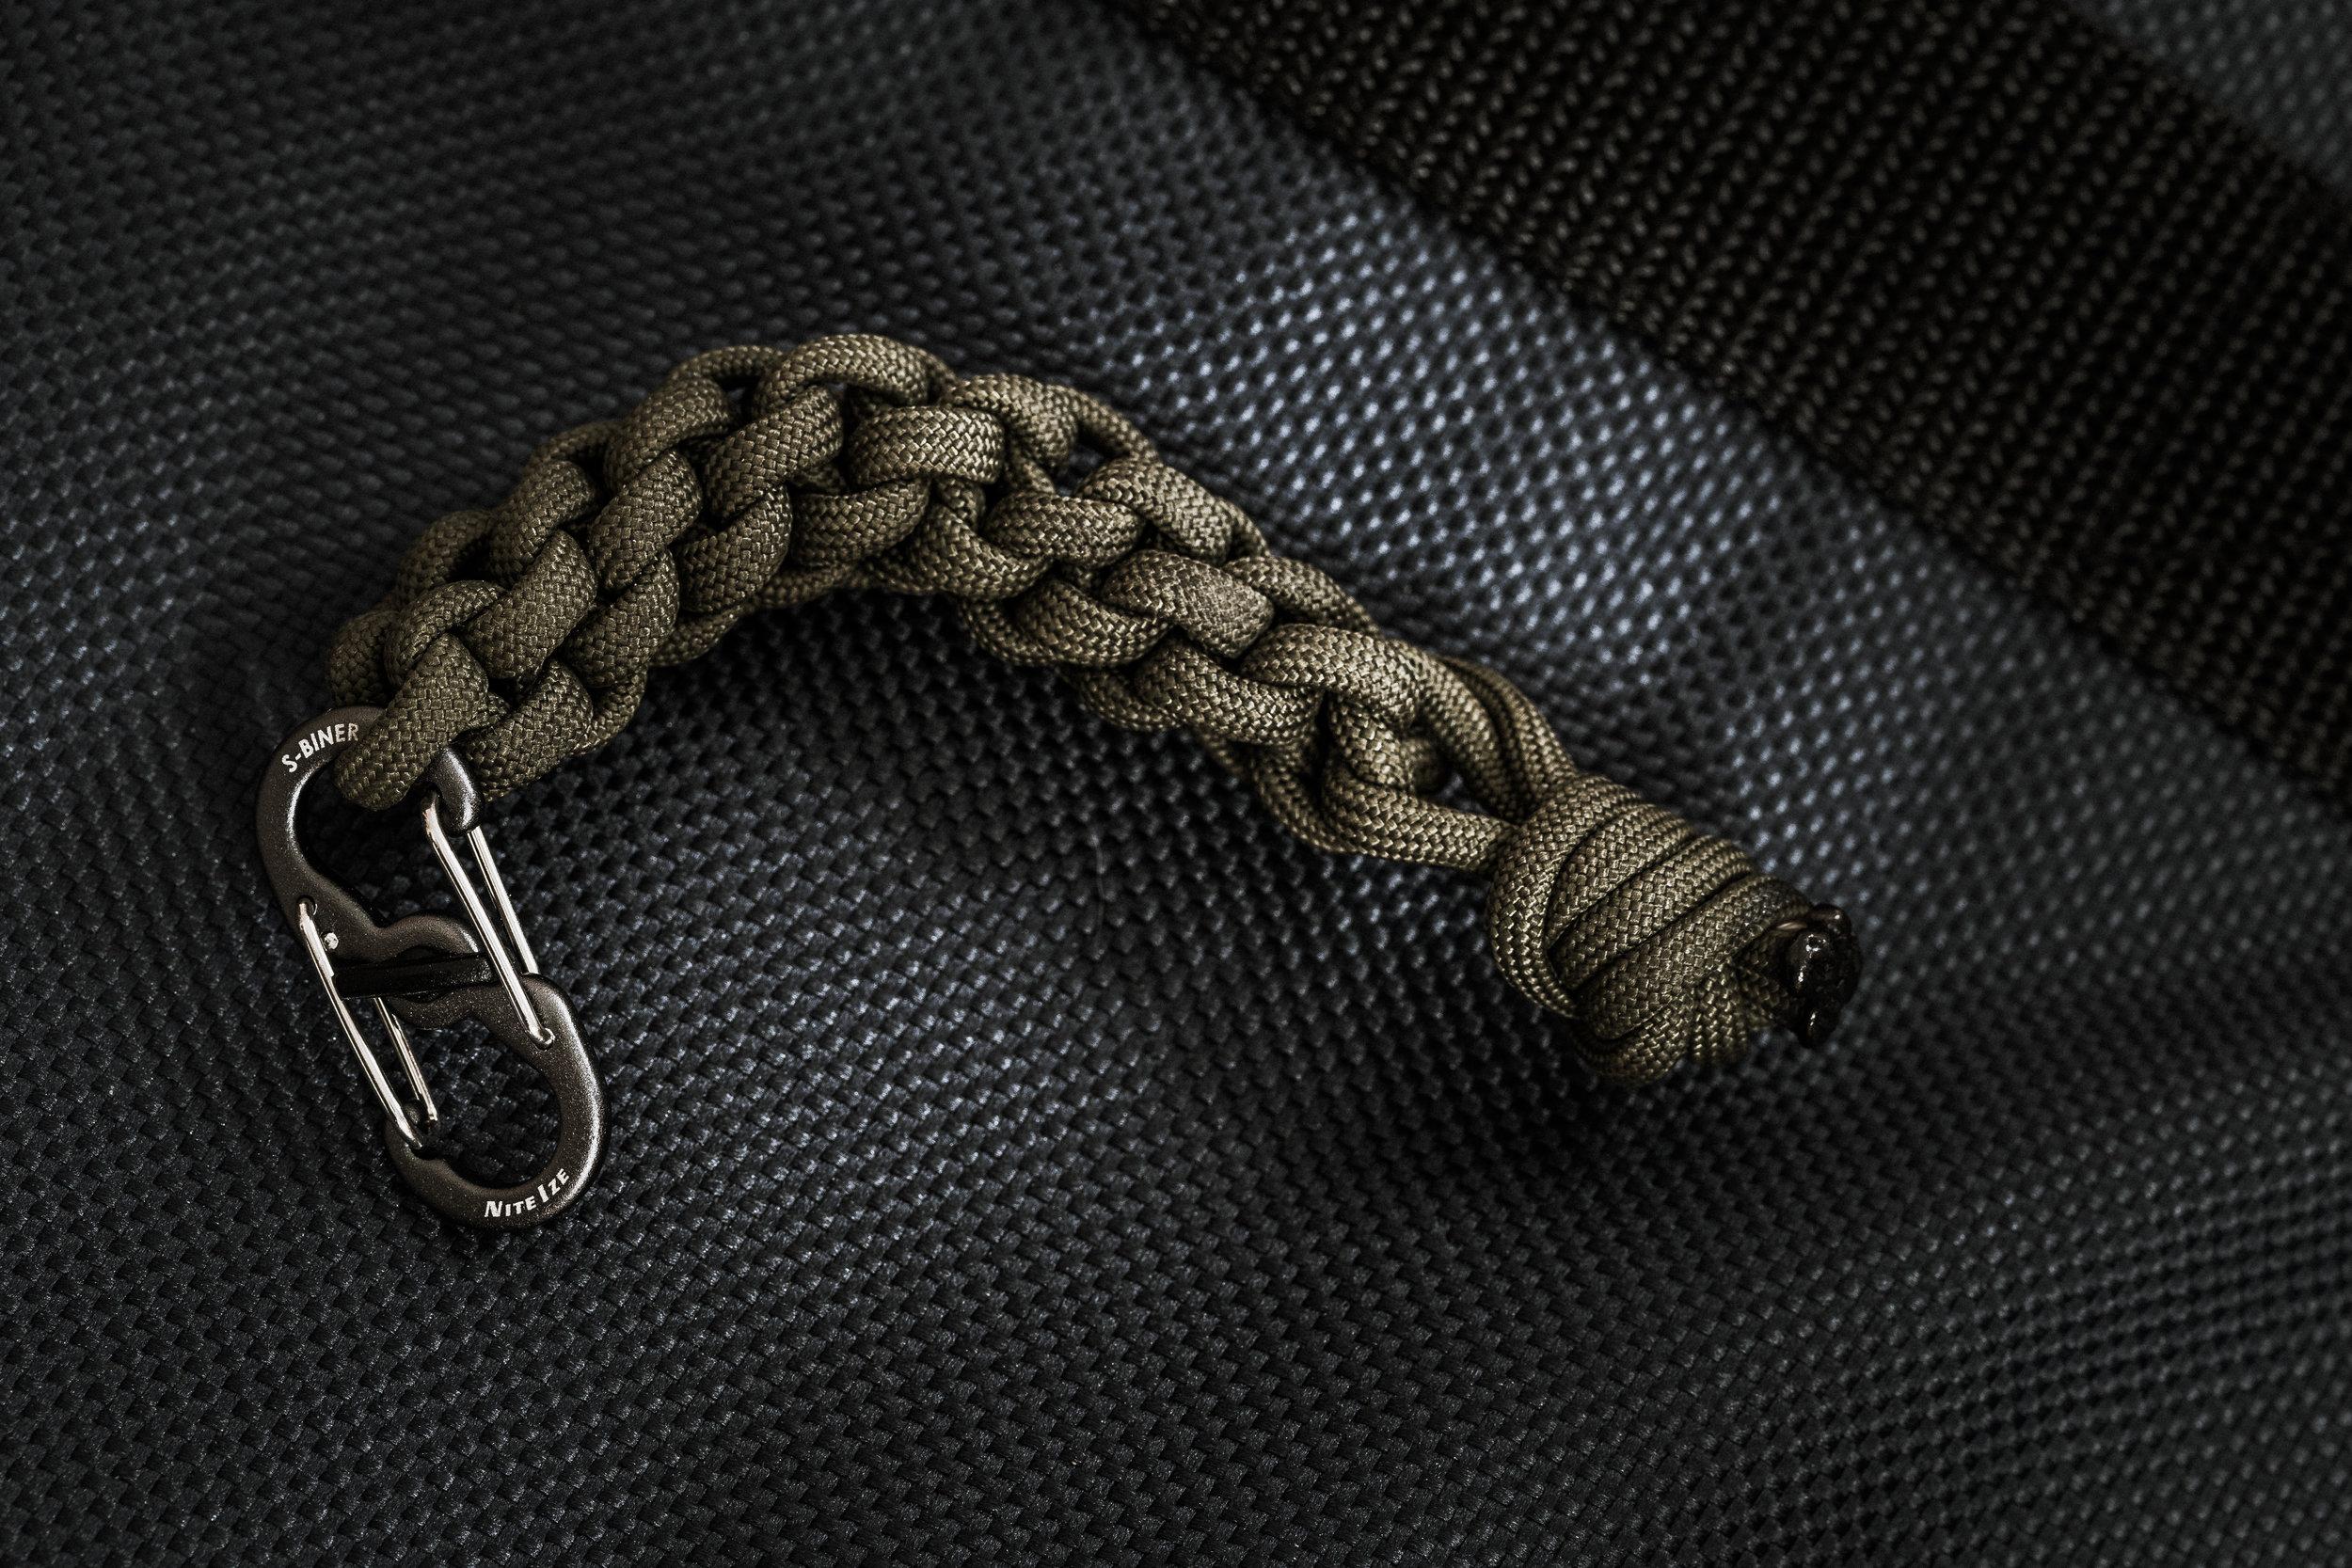 08.15.19 Niteize Zipper Pull-4.jpg